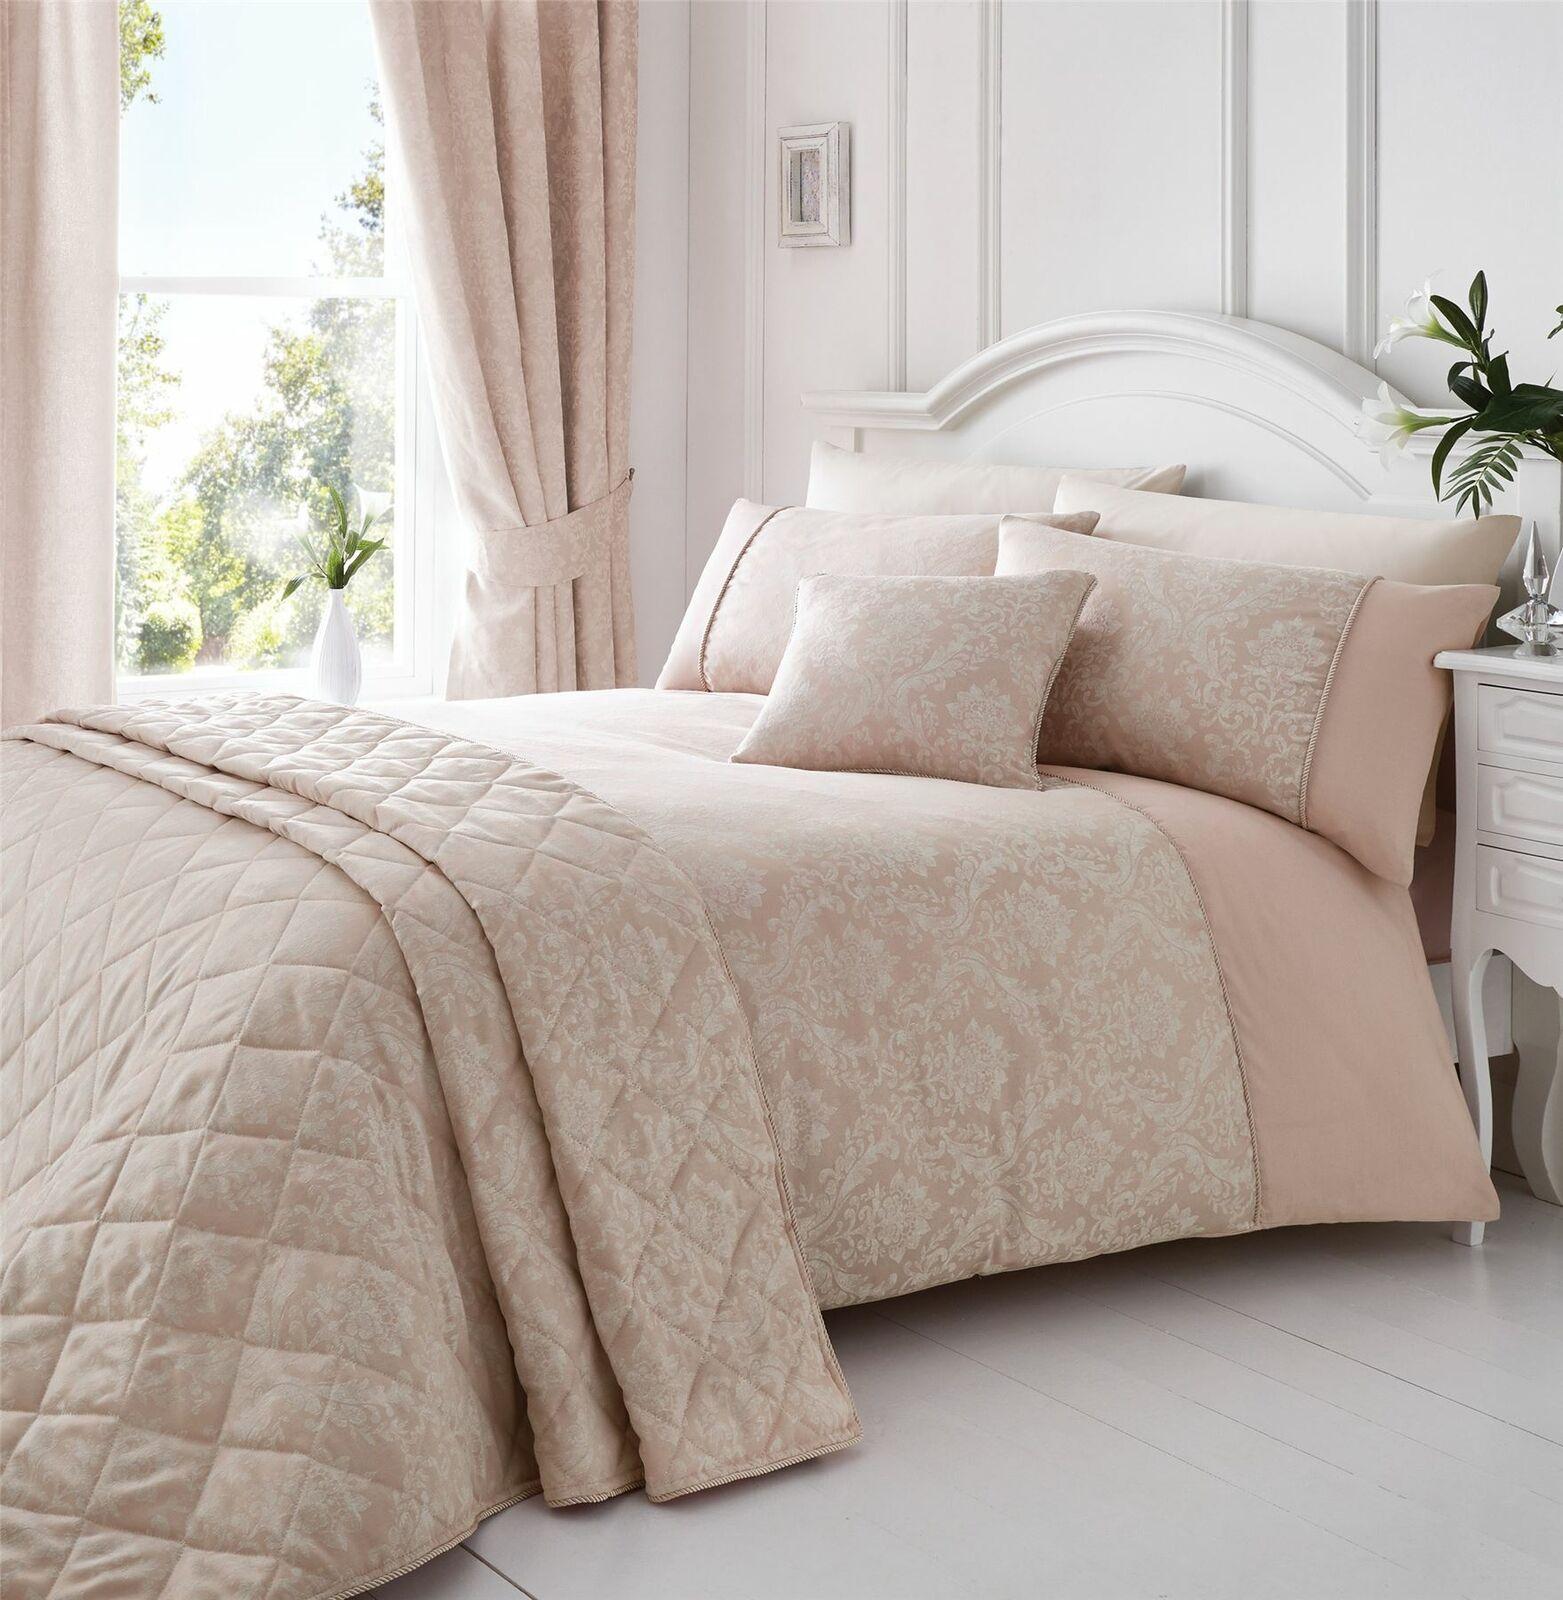 Gewebt Damast Verrohrt Rosa Weiß Doppelbett Bettwäsche | Exquisite (in) Verarbeitung